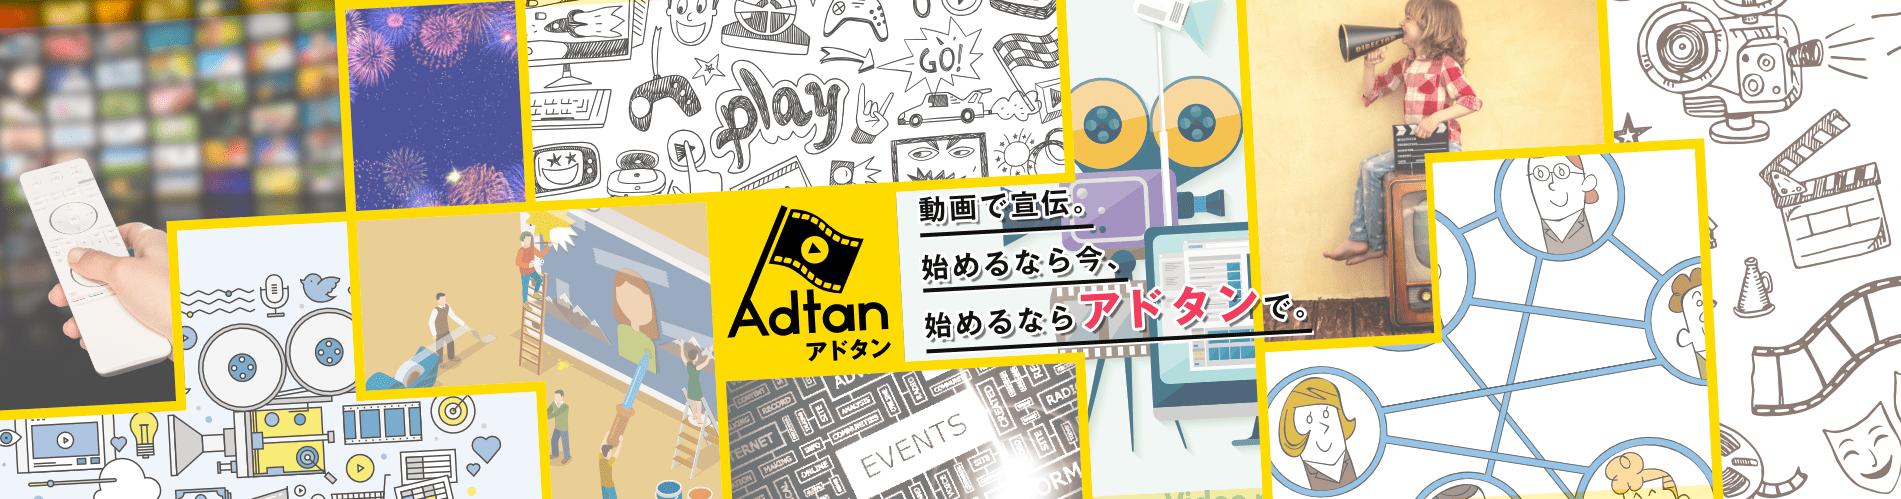 アドタンは関東を中心に本格的な映像制作からテンプレートを使用した格安動画制作までをご提供する映像制作サービスです。